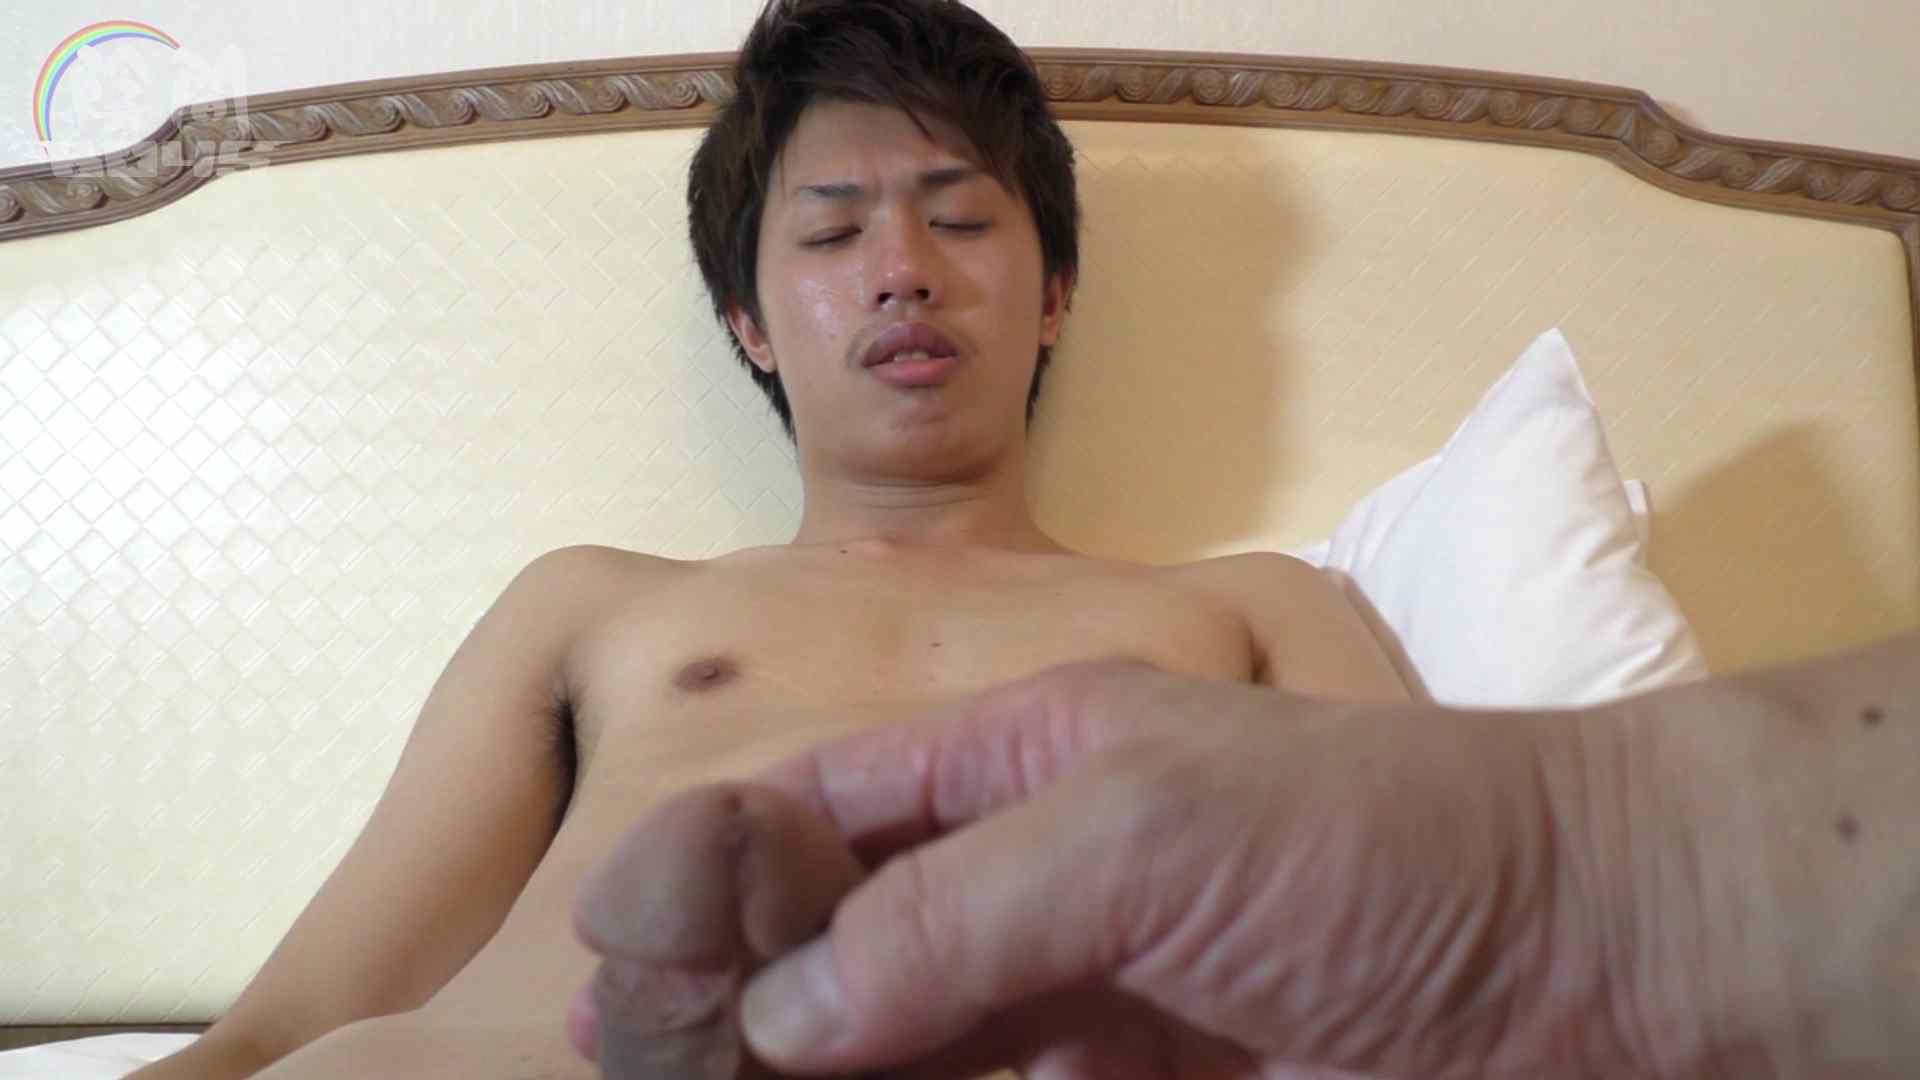 おいはカリデカ!File.04 手コキ AV動画 69枚 35